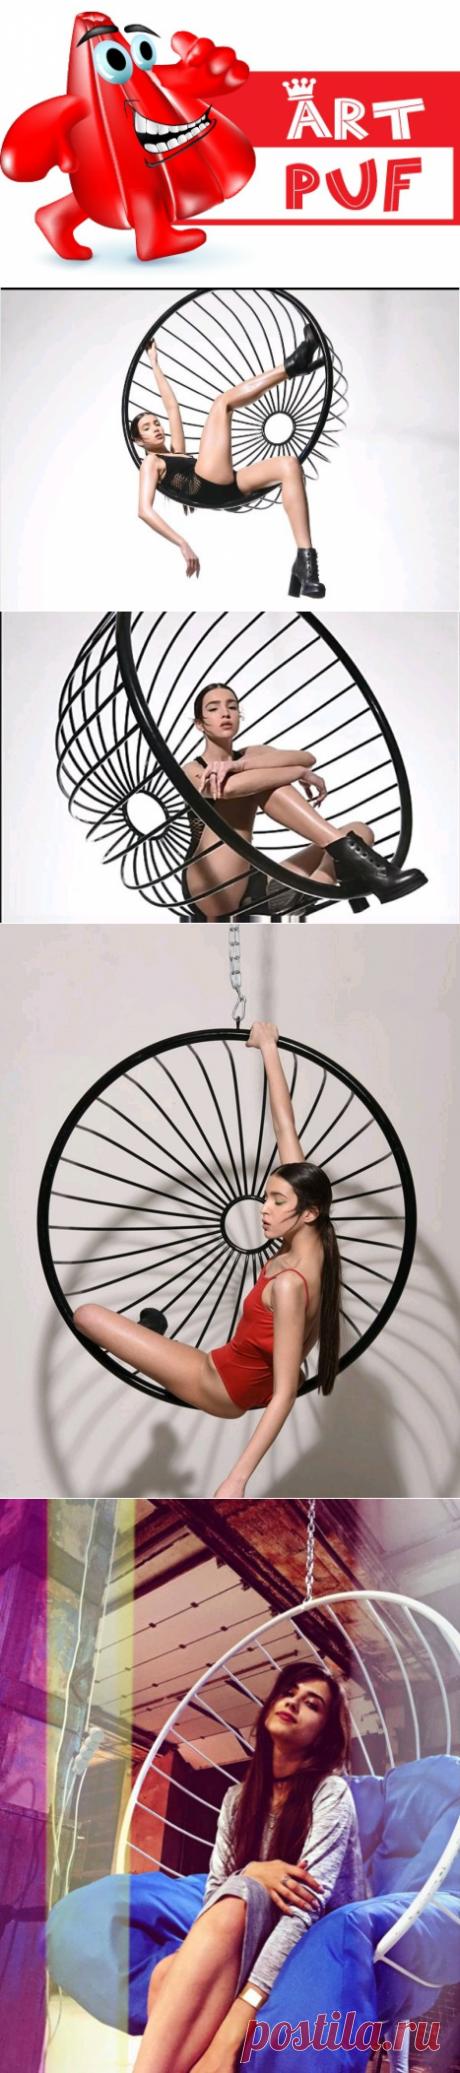 Купить кресло шар к потолку из металла Art-puf.com.ua